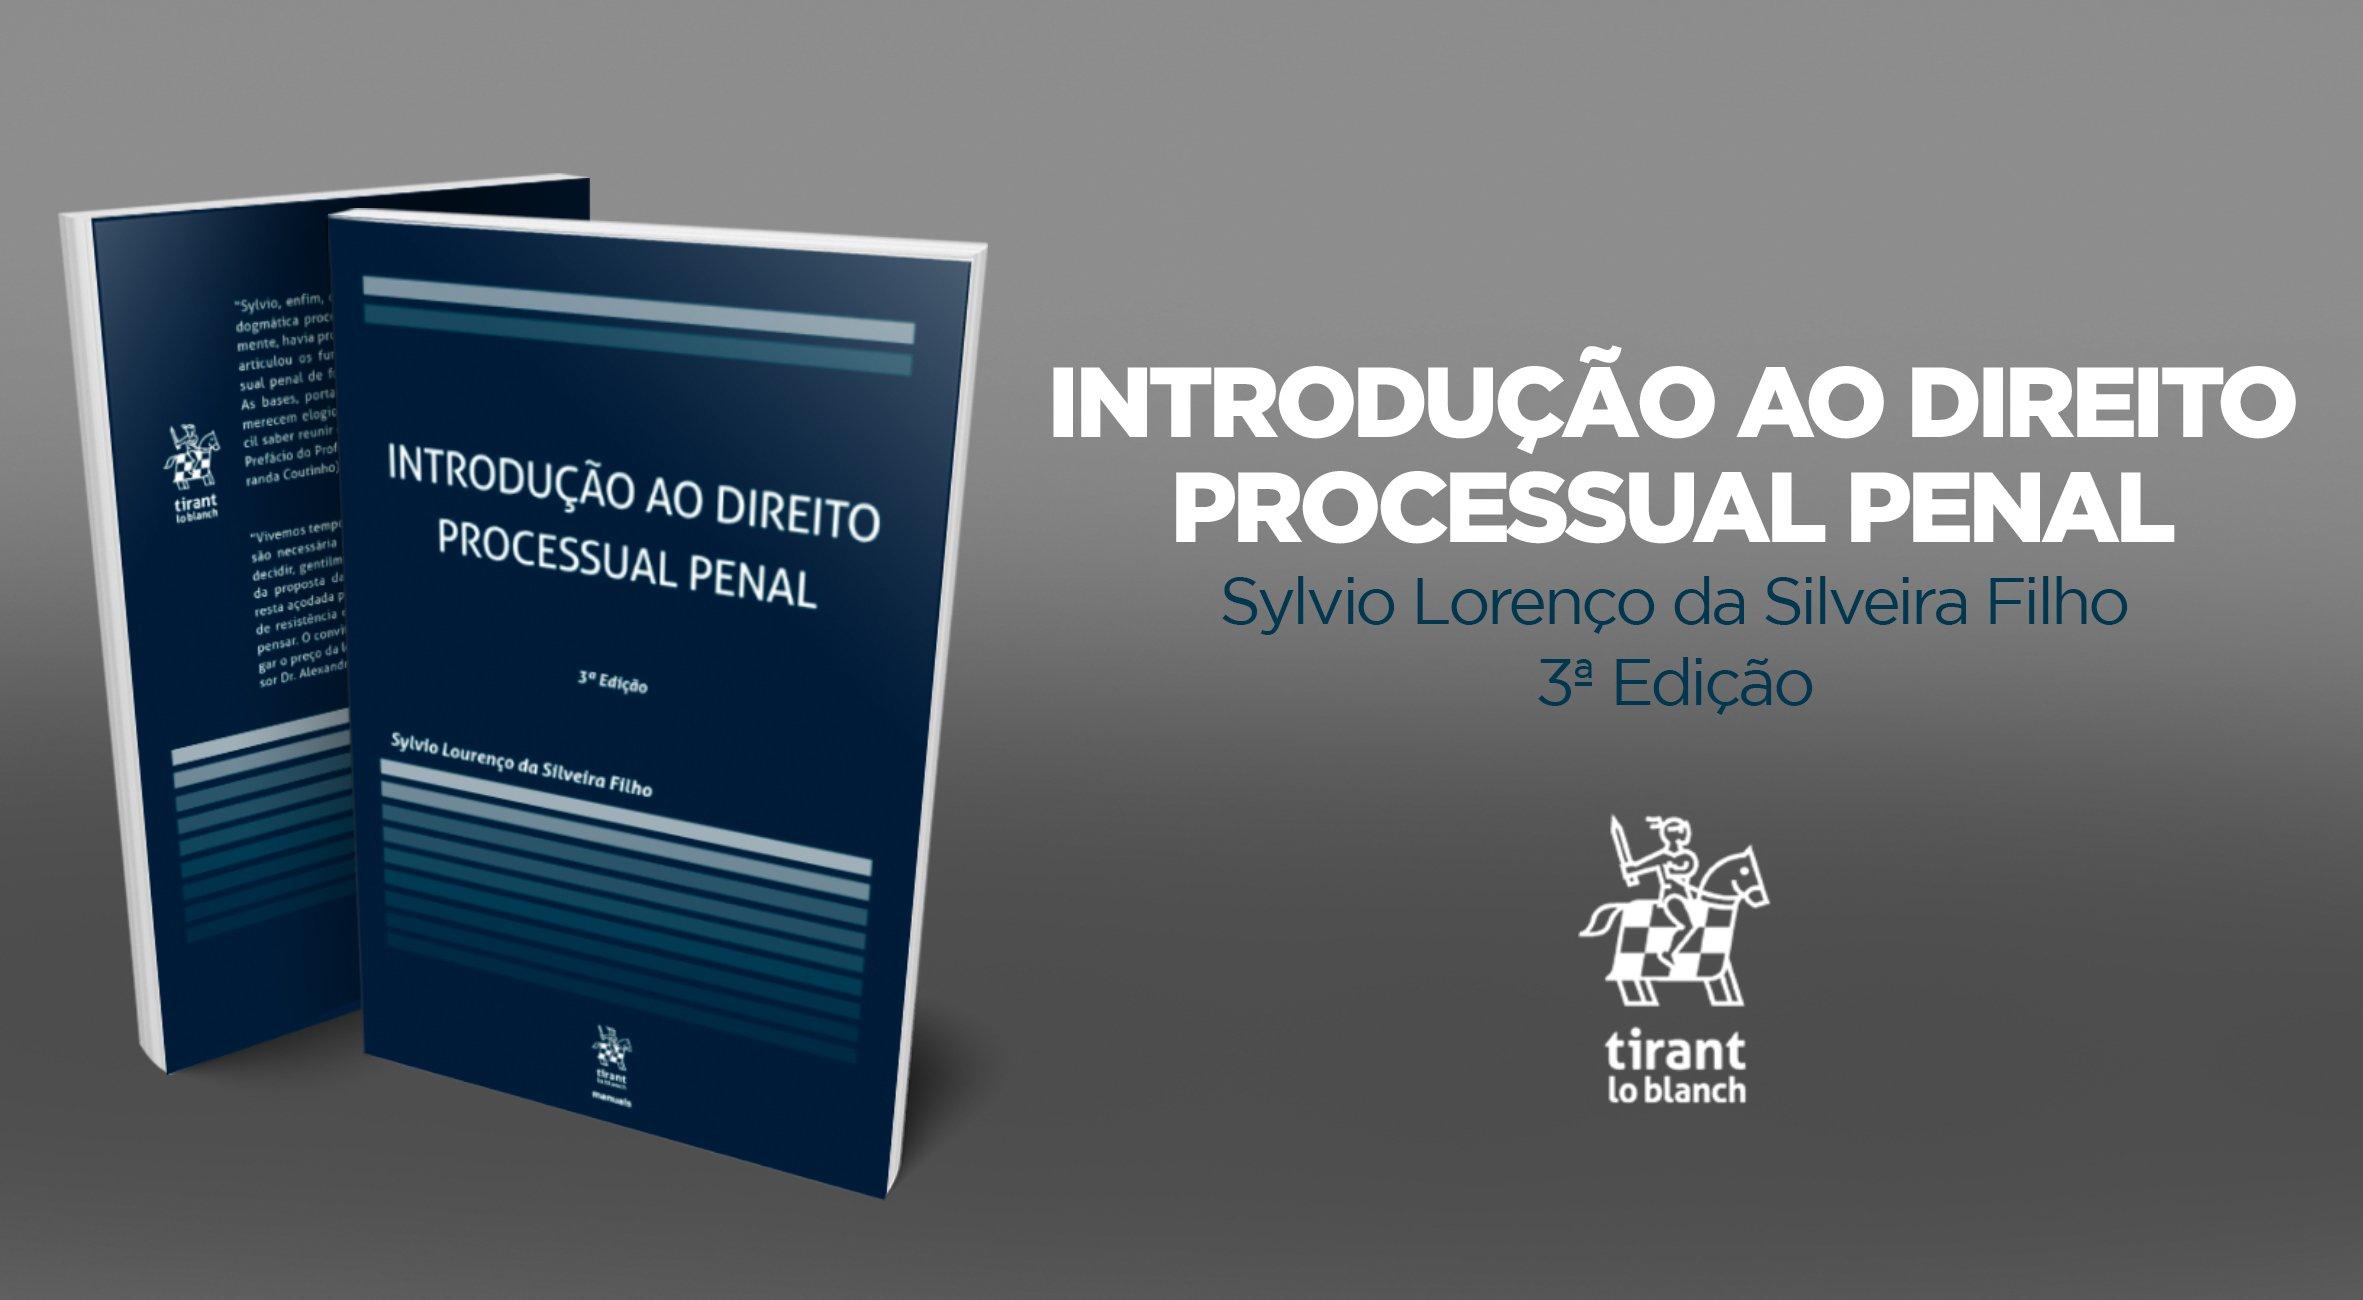 Introdução ao Direito Processual Penal, do autor Sylvio Lorenço da Silveira Filho, 3ª ed